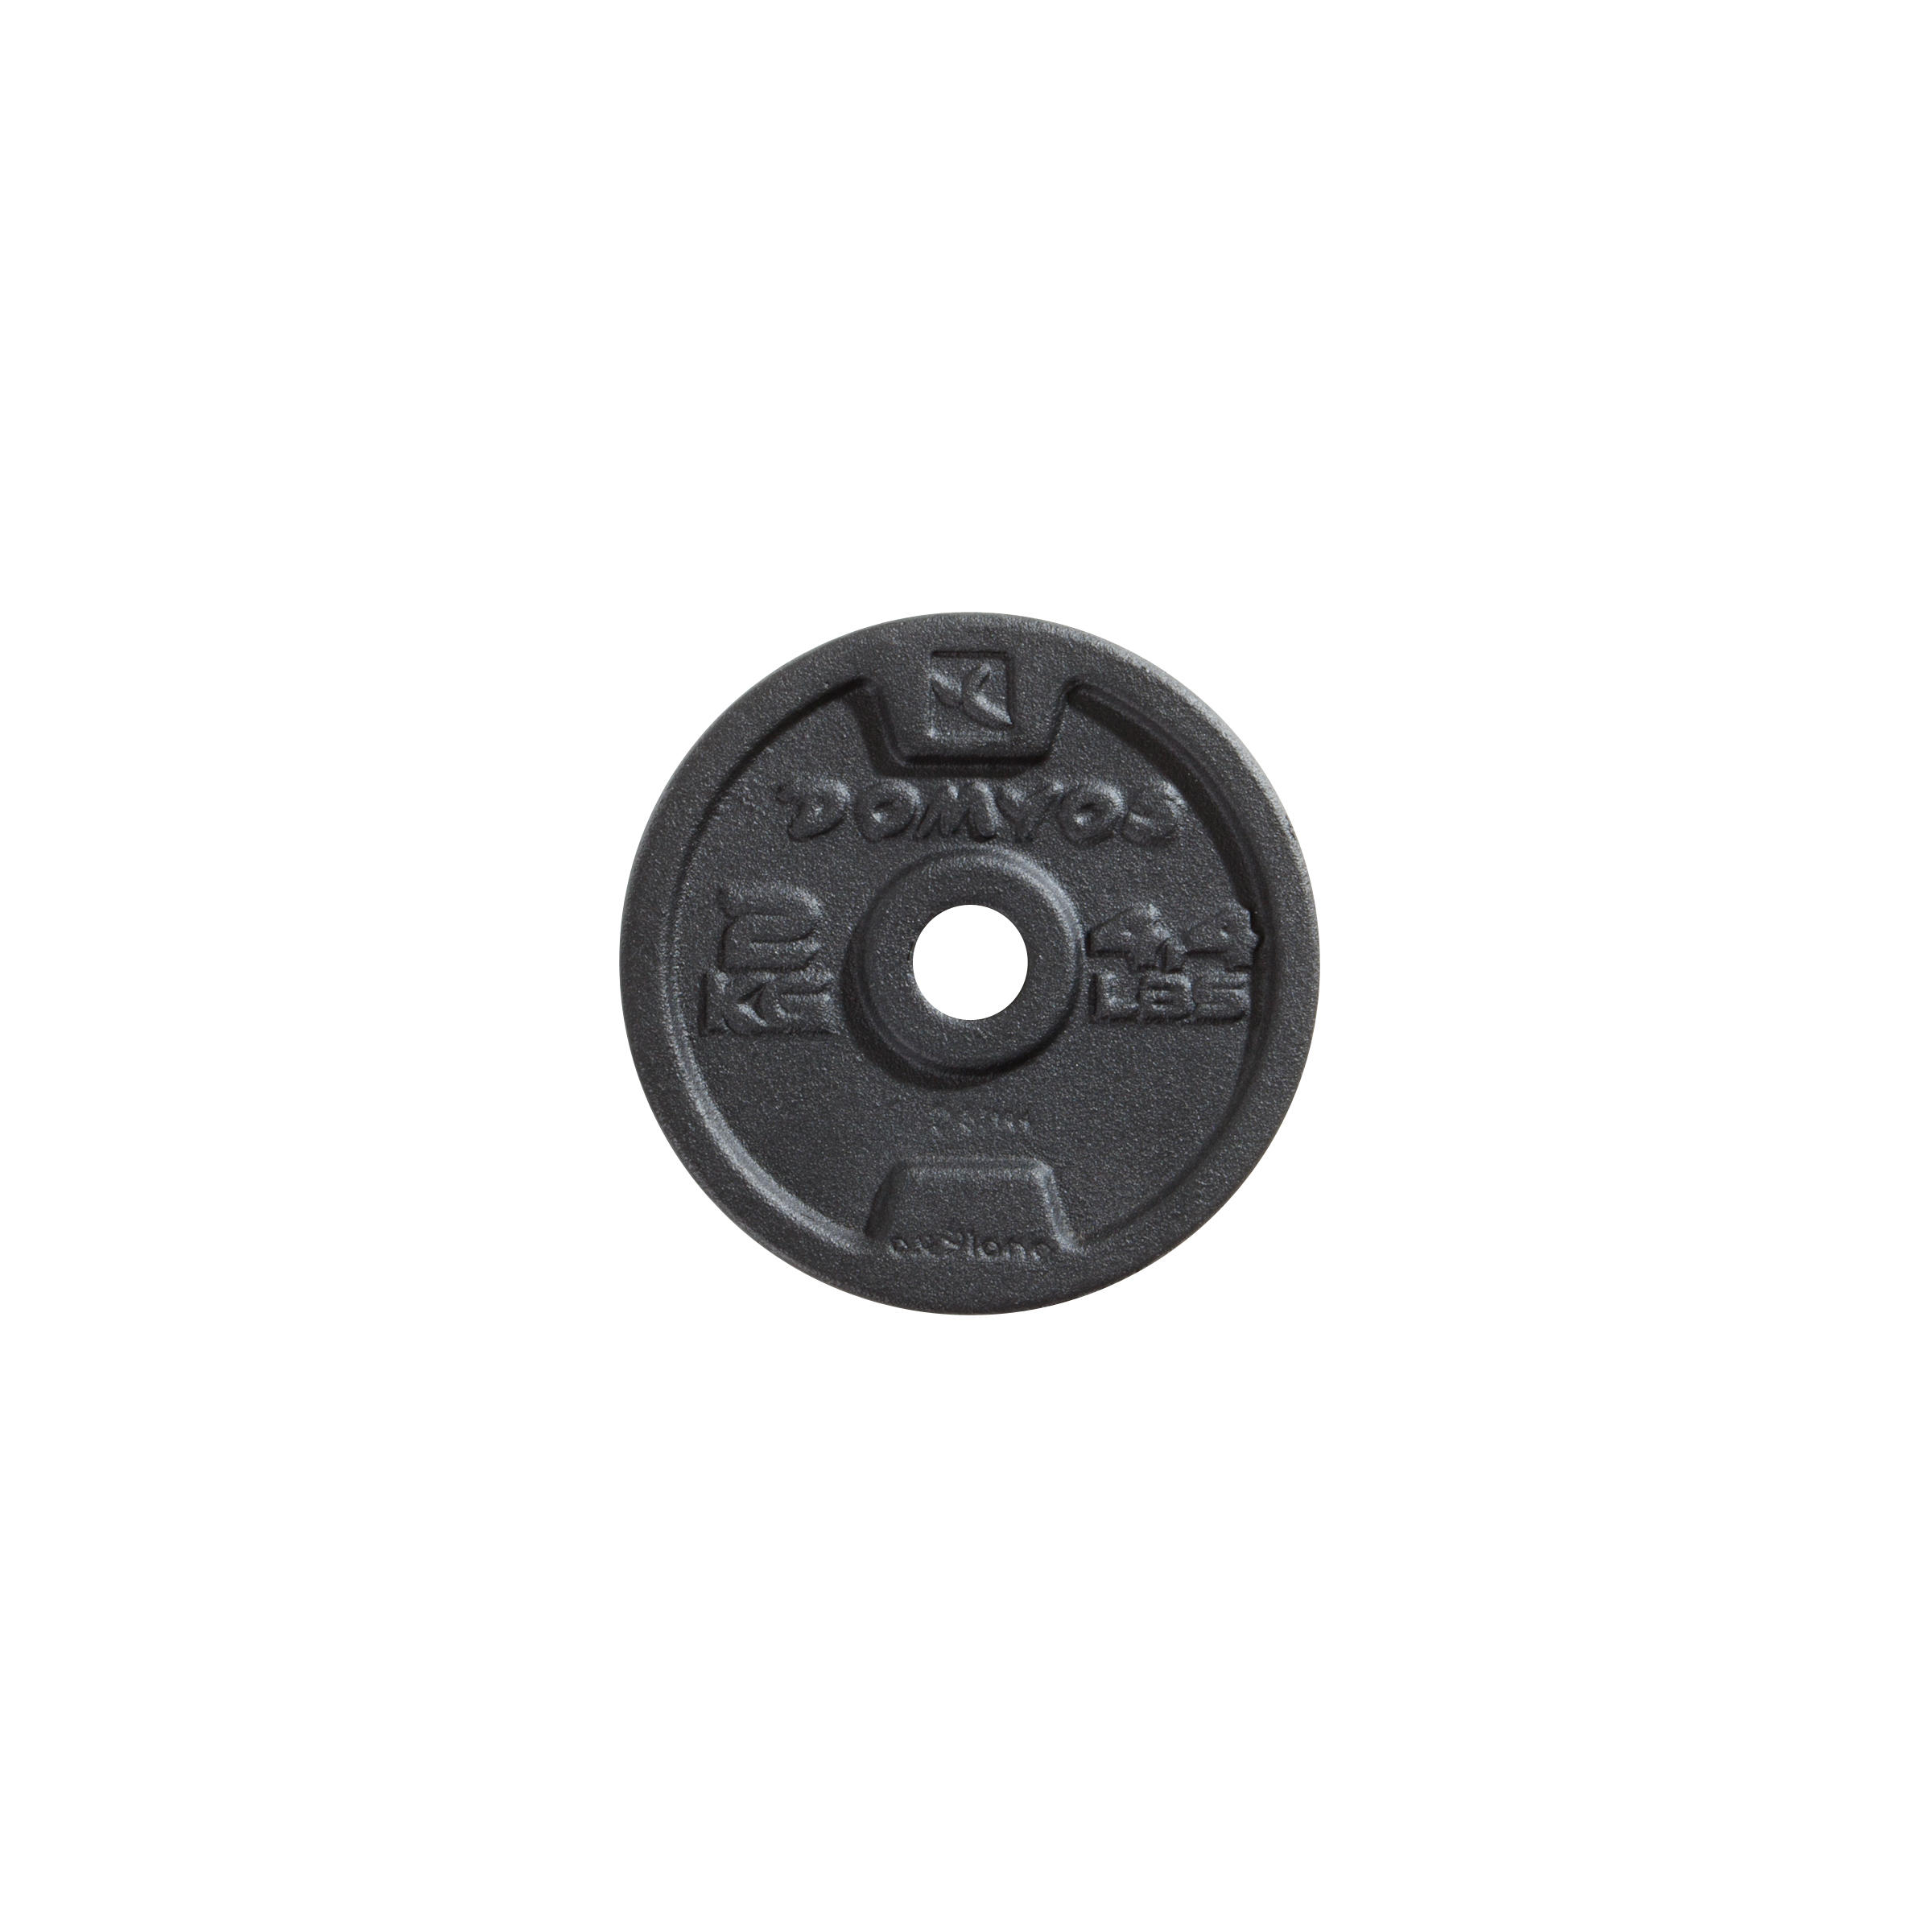 1,25kg 10kg 20kg et Ensembles 5kg Plateau de Poids en Fonte Roue /à Disque Tri-Grip KAWMET 28,5mm 2,5kg